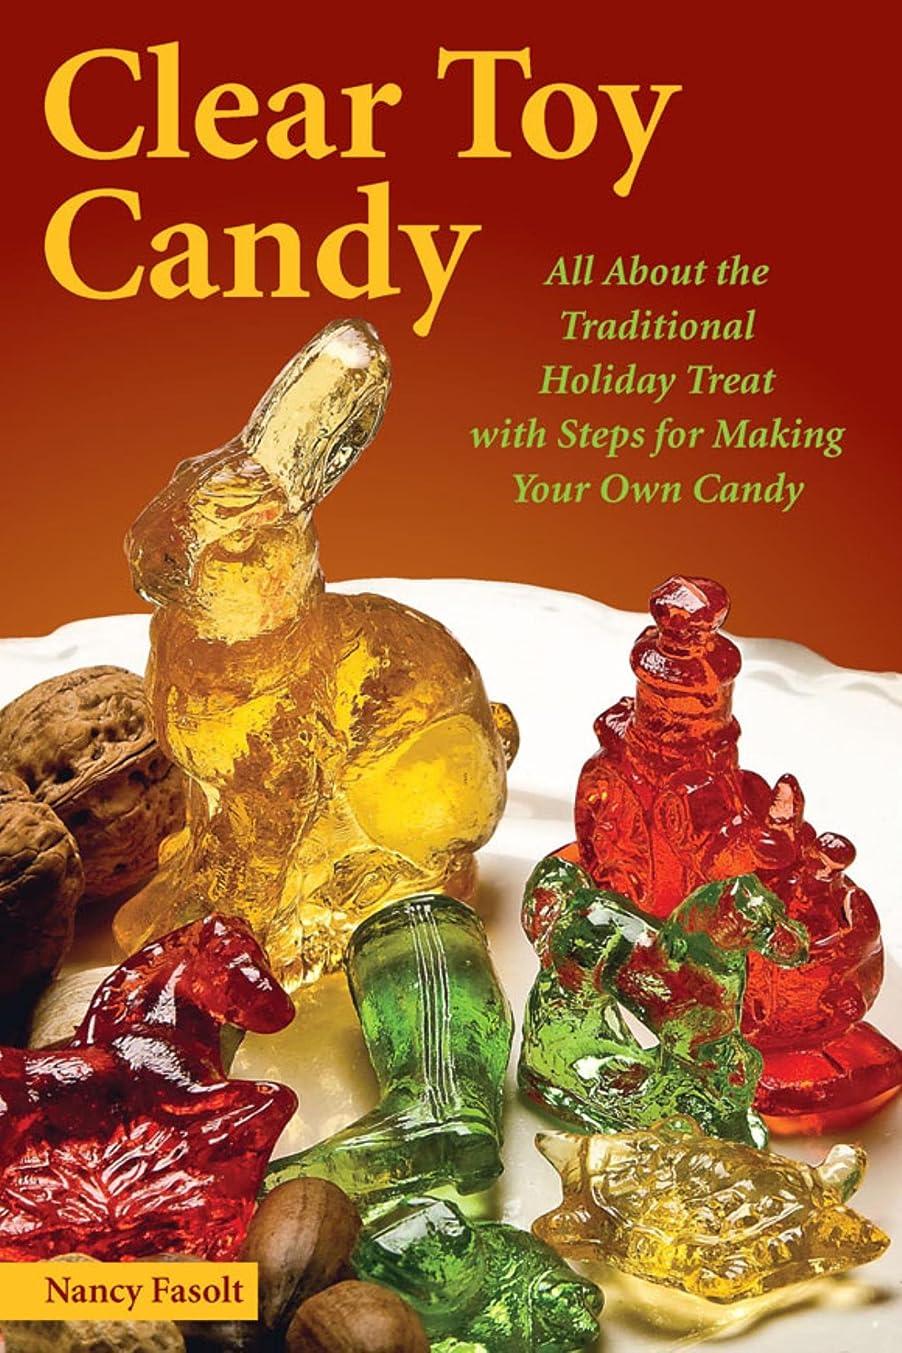 裸引退する知恵Clear Toy Candy: All About the Traditional Holiday Treat with Steps for Making Your Own Candy (English Edition)